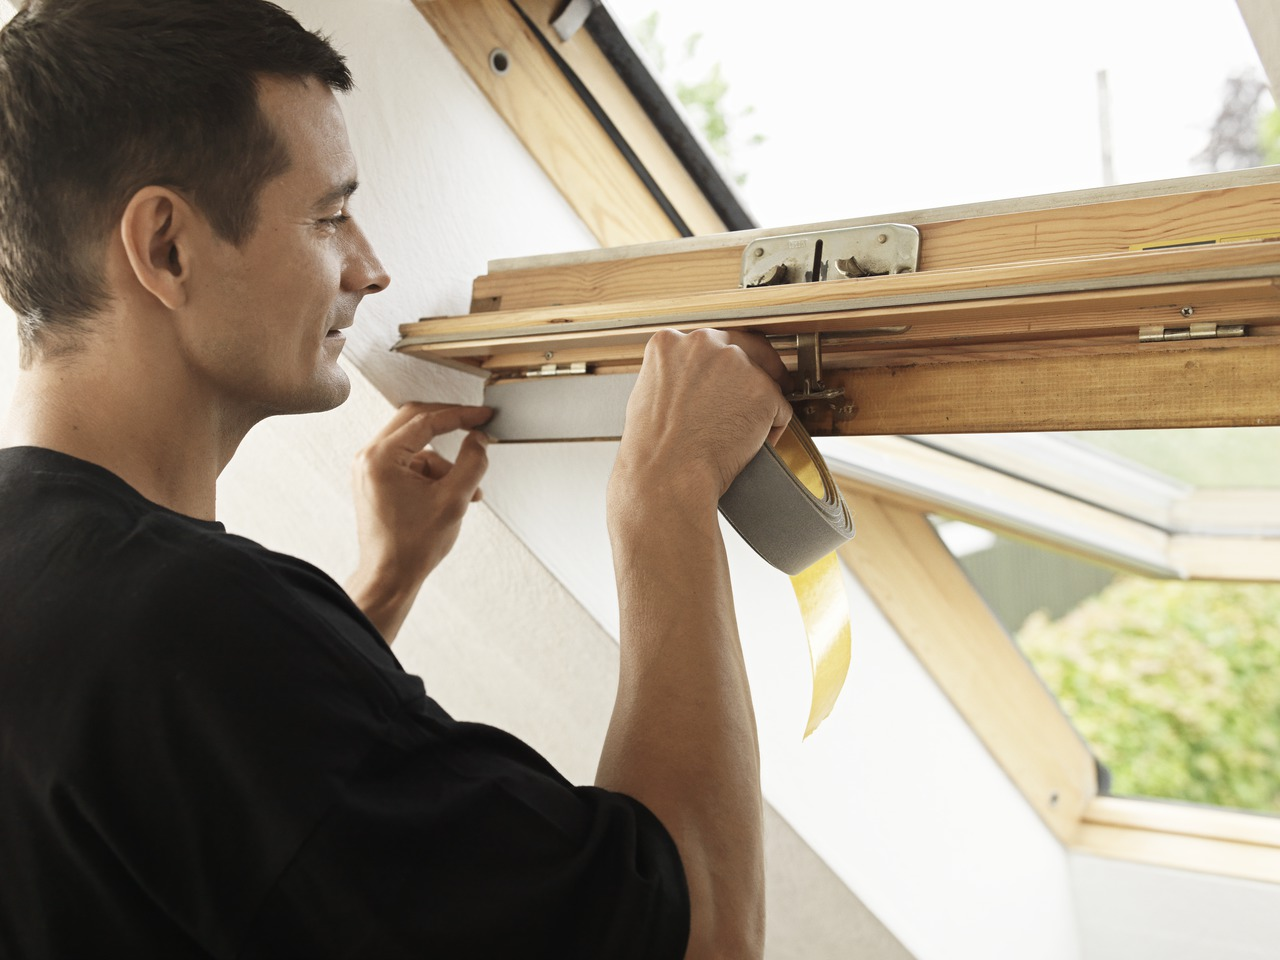 come fare la giusta manutenzione ai serramenti